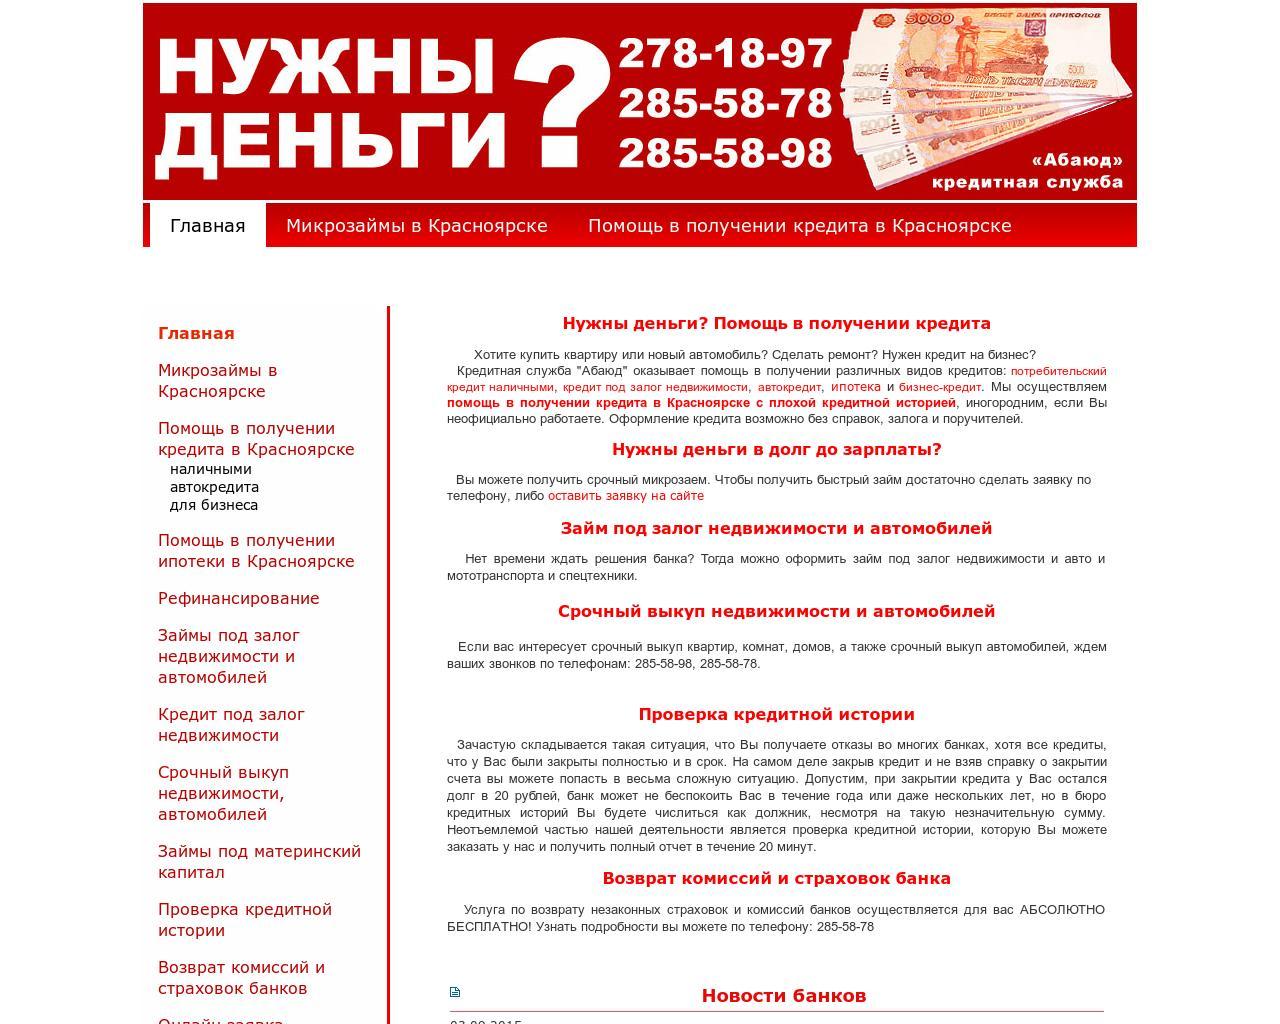 в каком банке в красноярске взять кредит с плохой кредитной историей